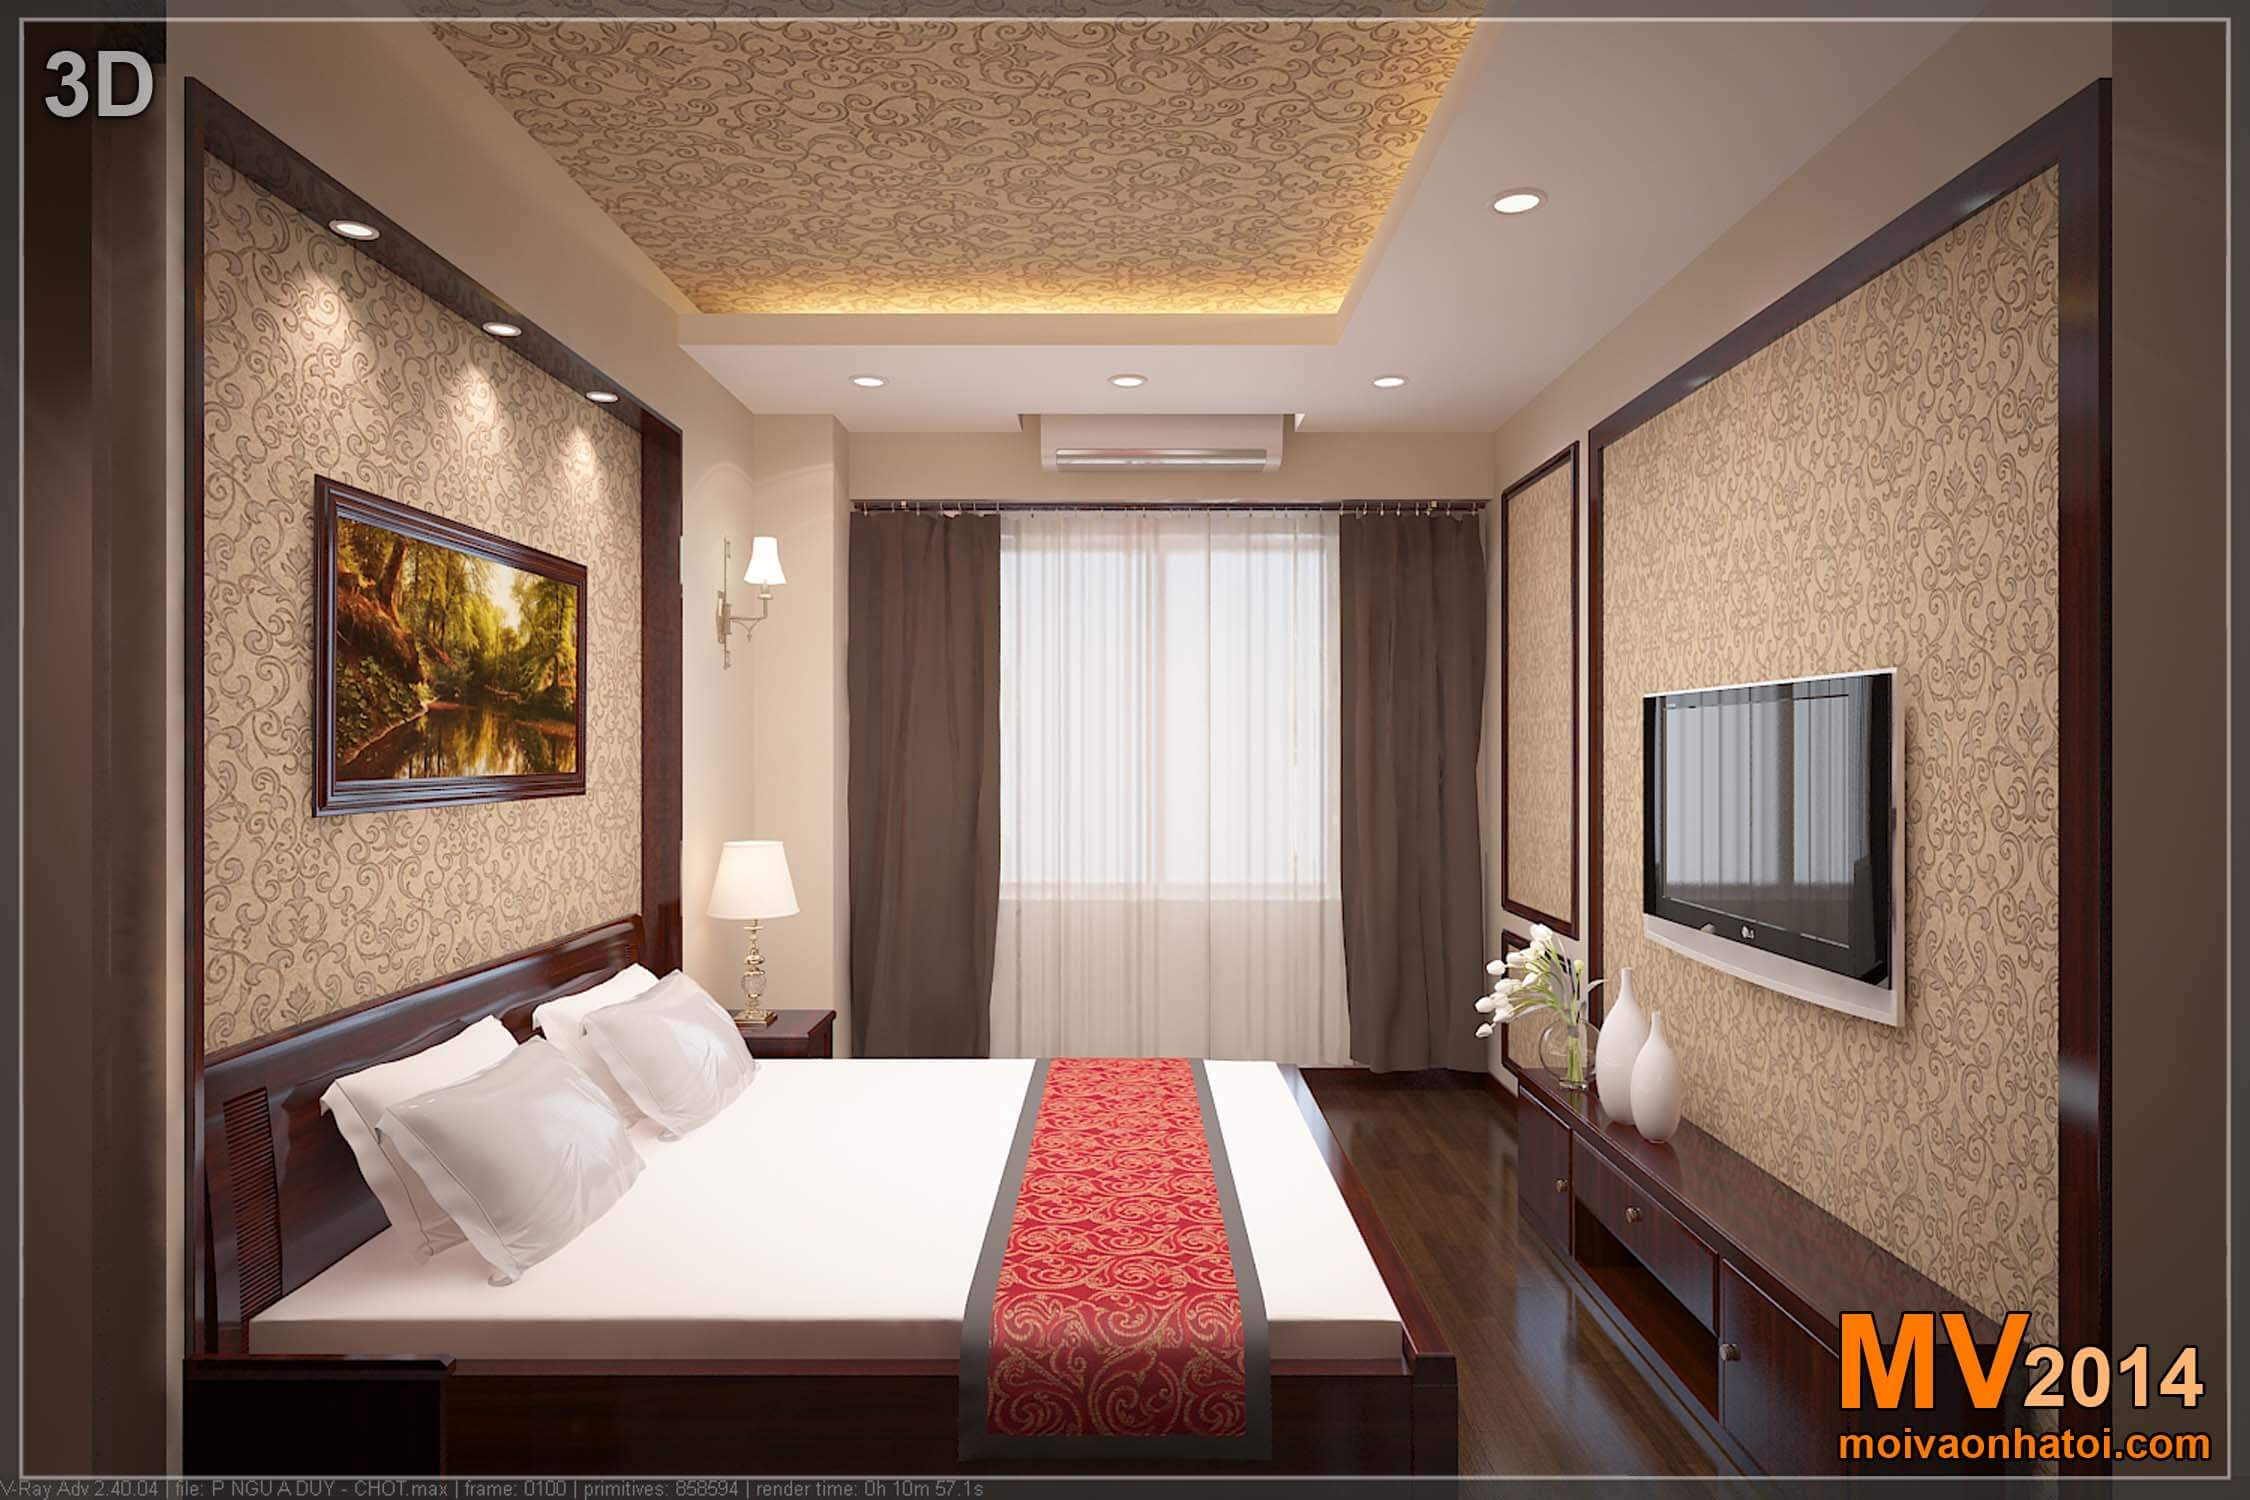 Phối cảnh 3D phòng ngủ lớn